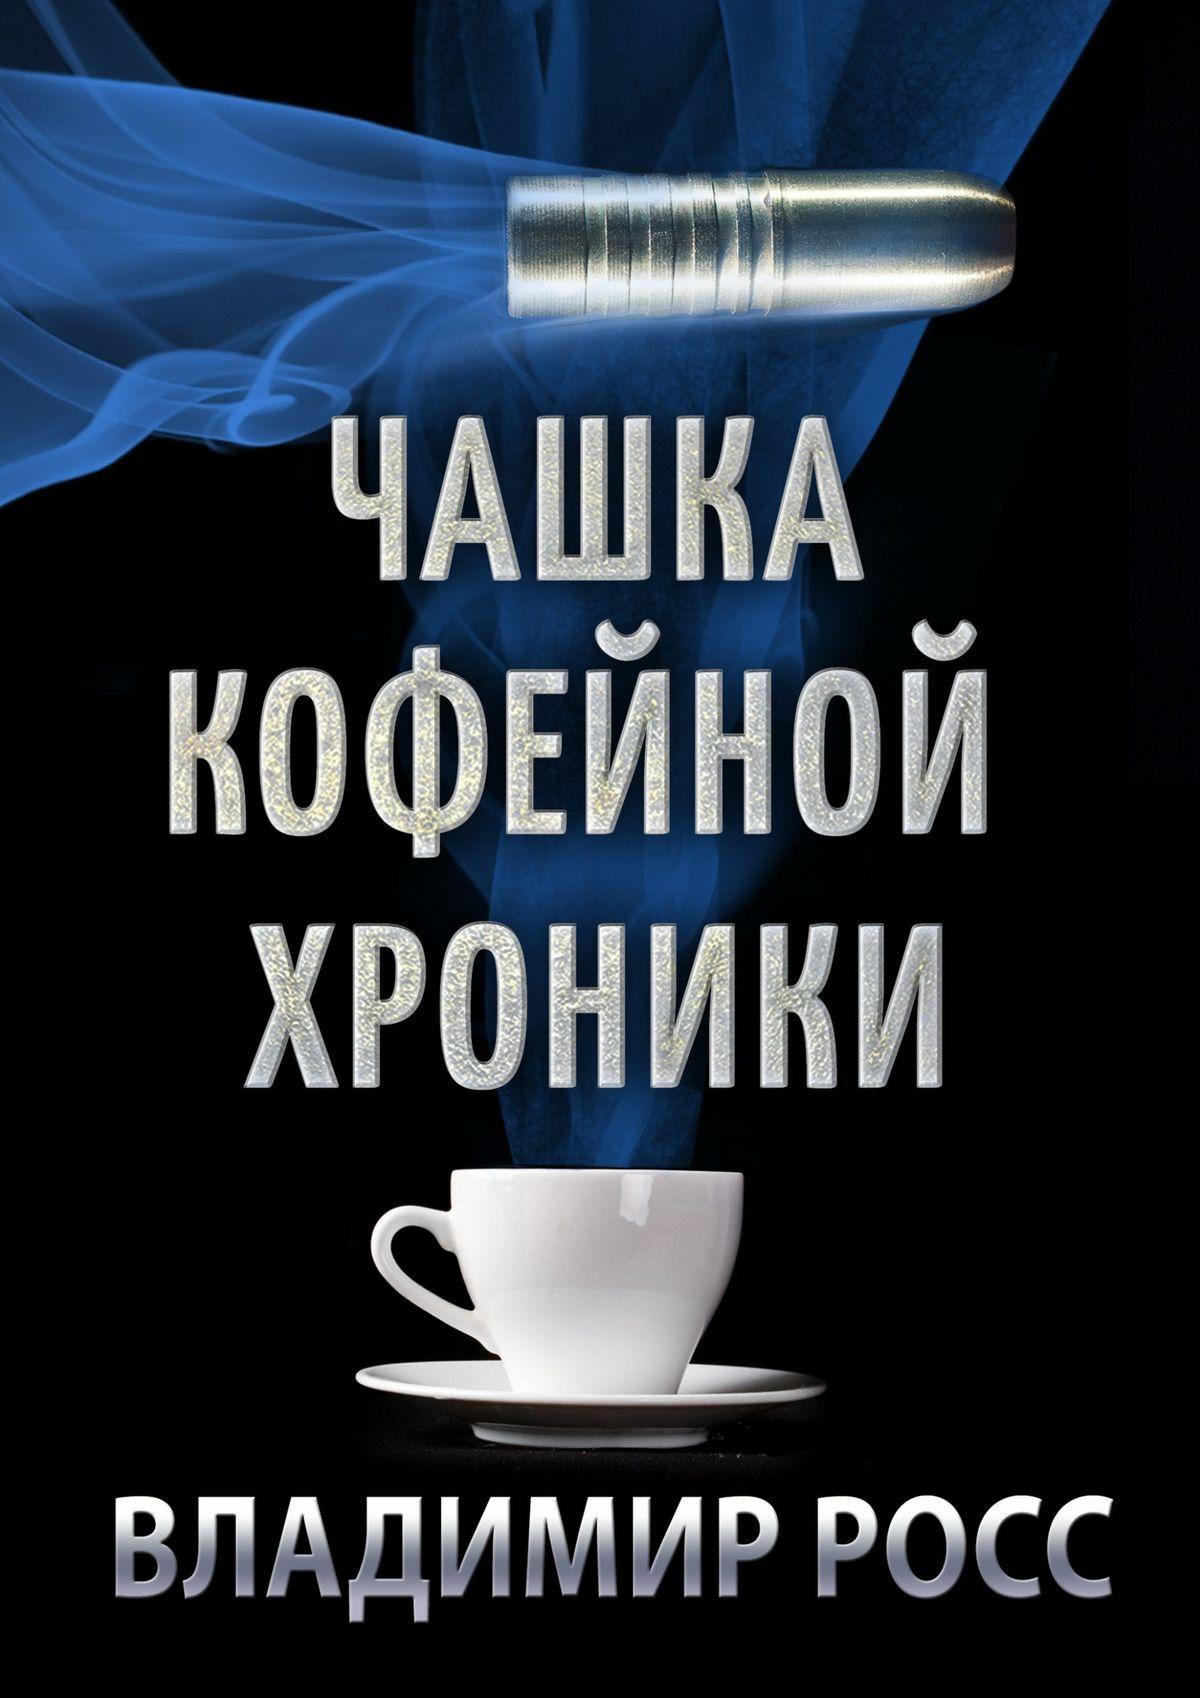 Чашка Кофейной Хроники